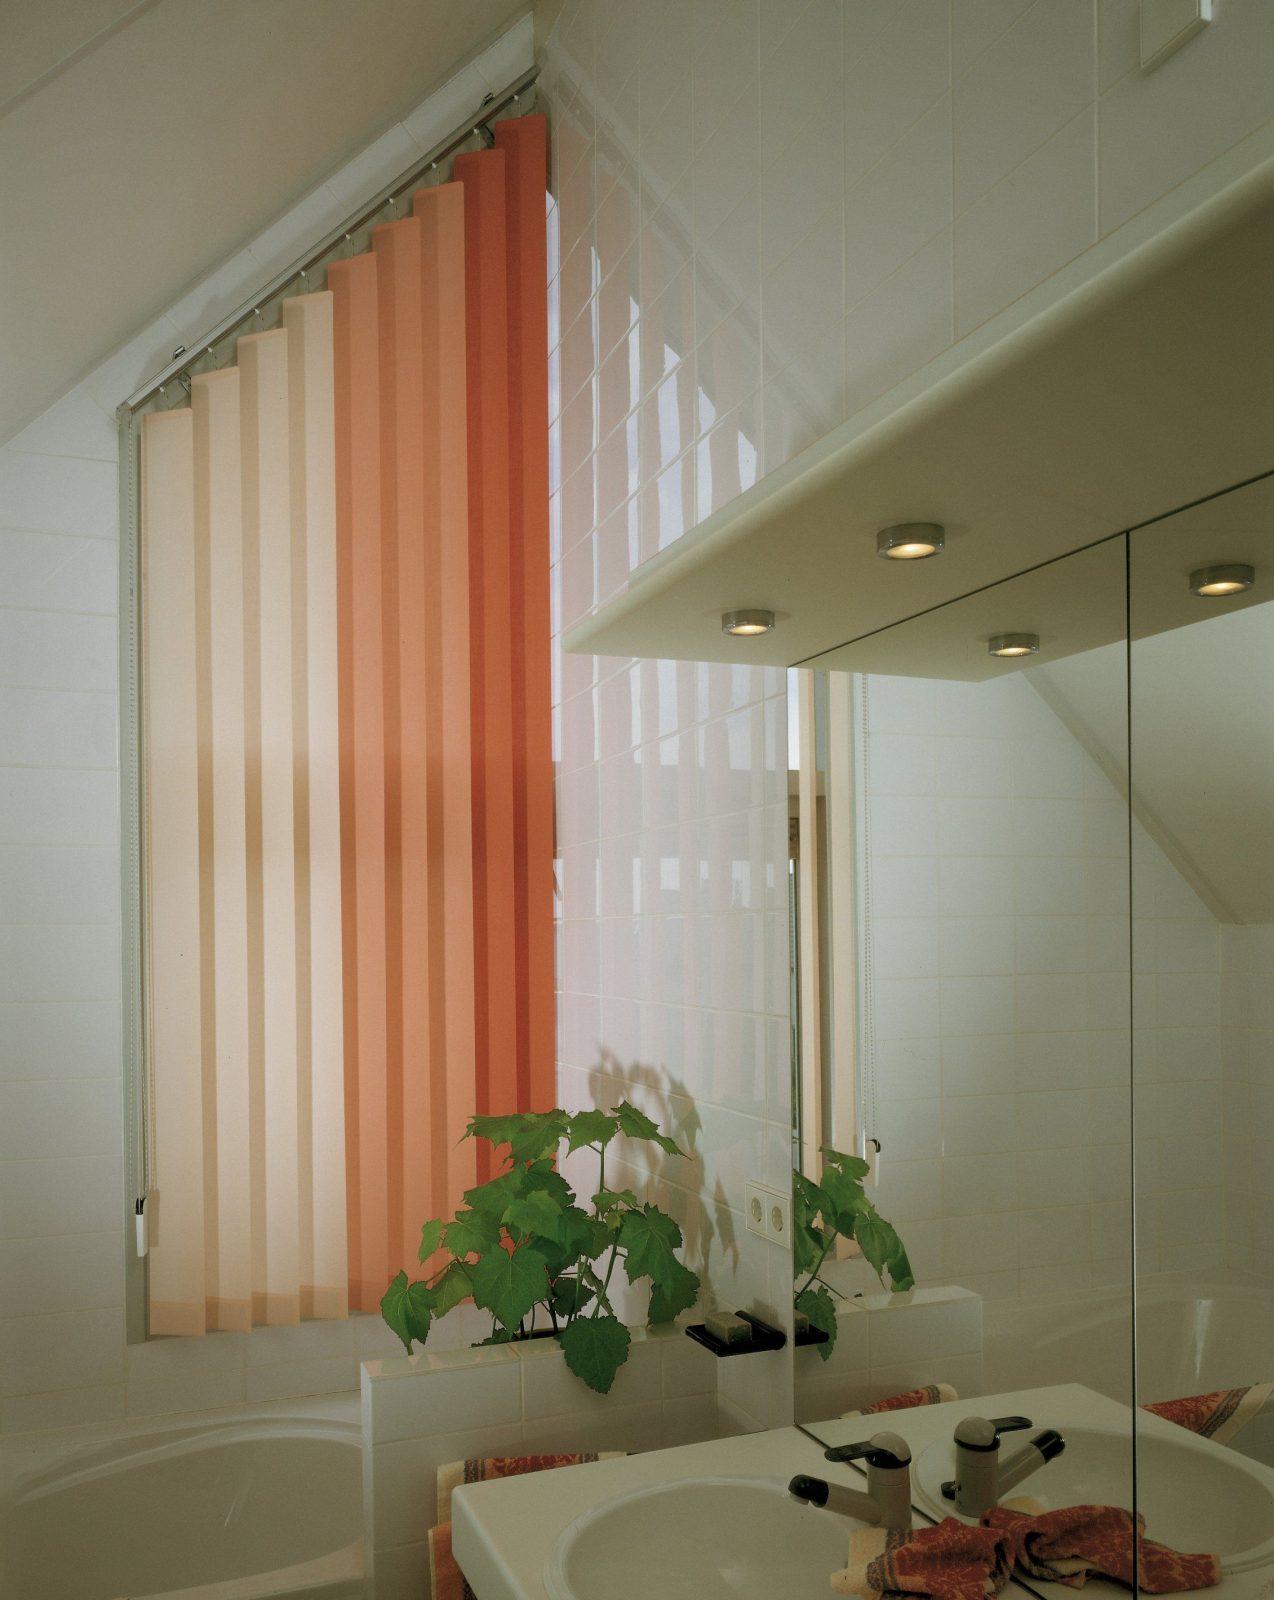 Lamellenvorhänge Für Giebelfenster  Rollomeister von Gardinen Für Giebelfenster Bild